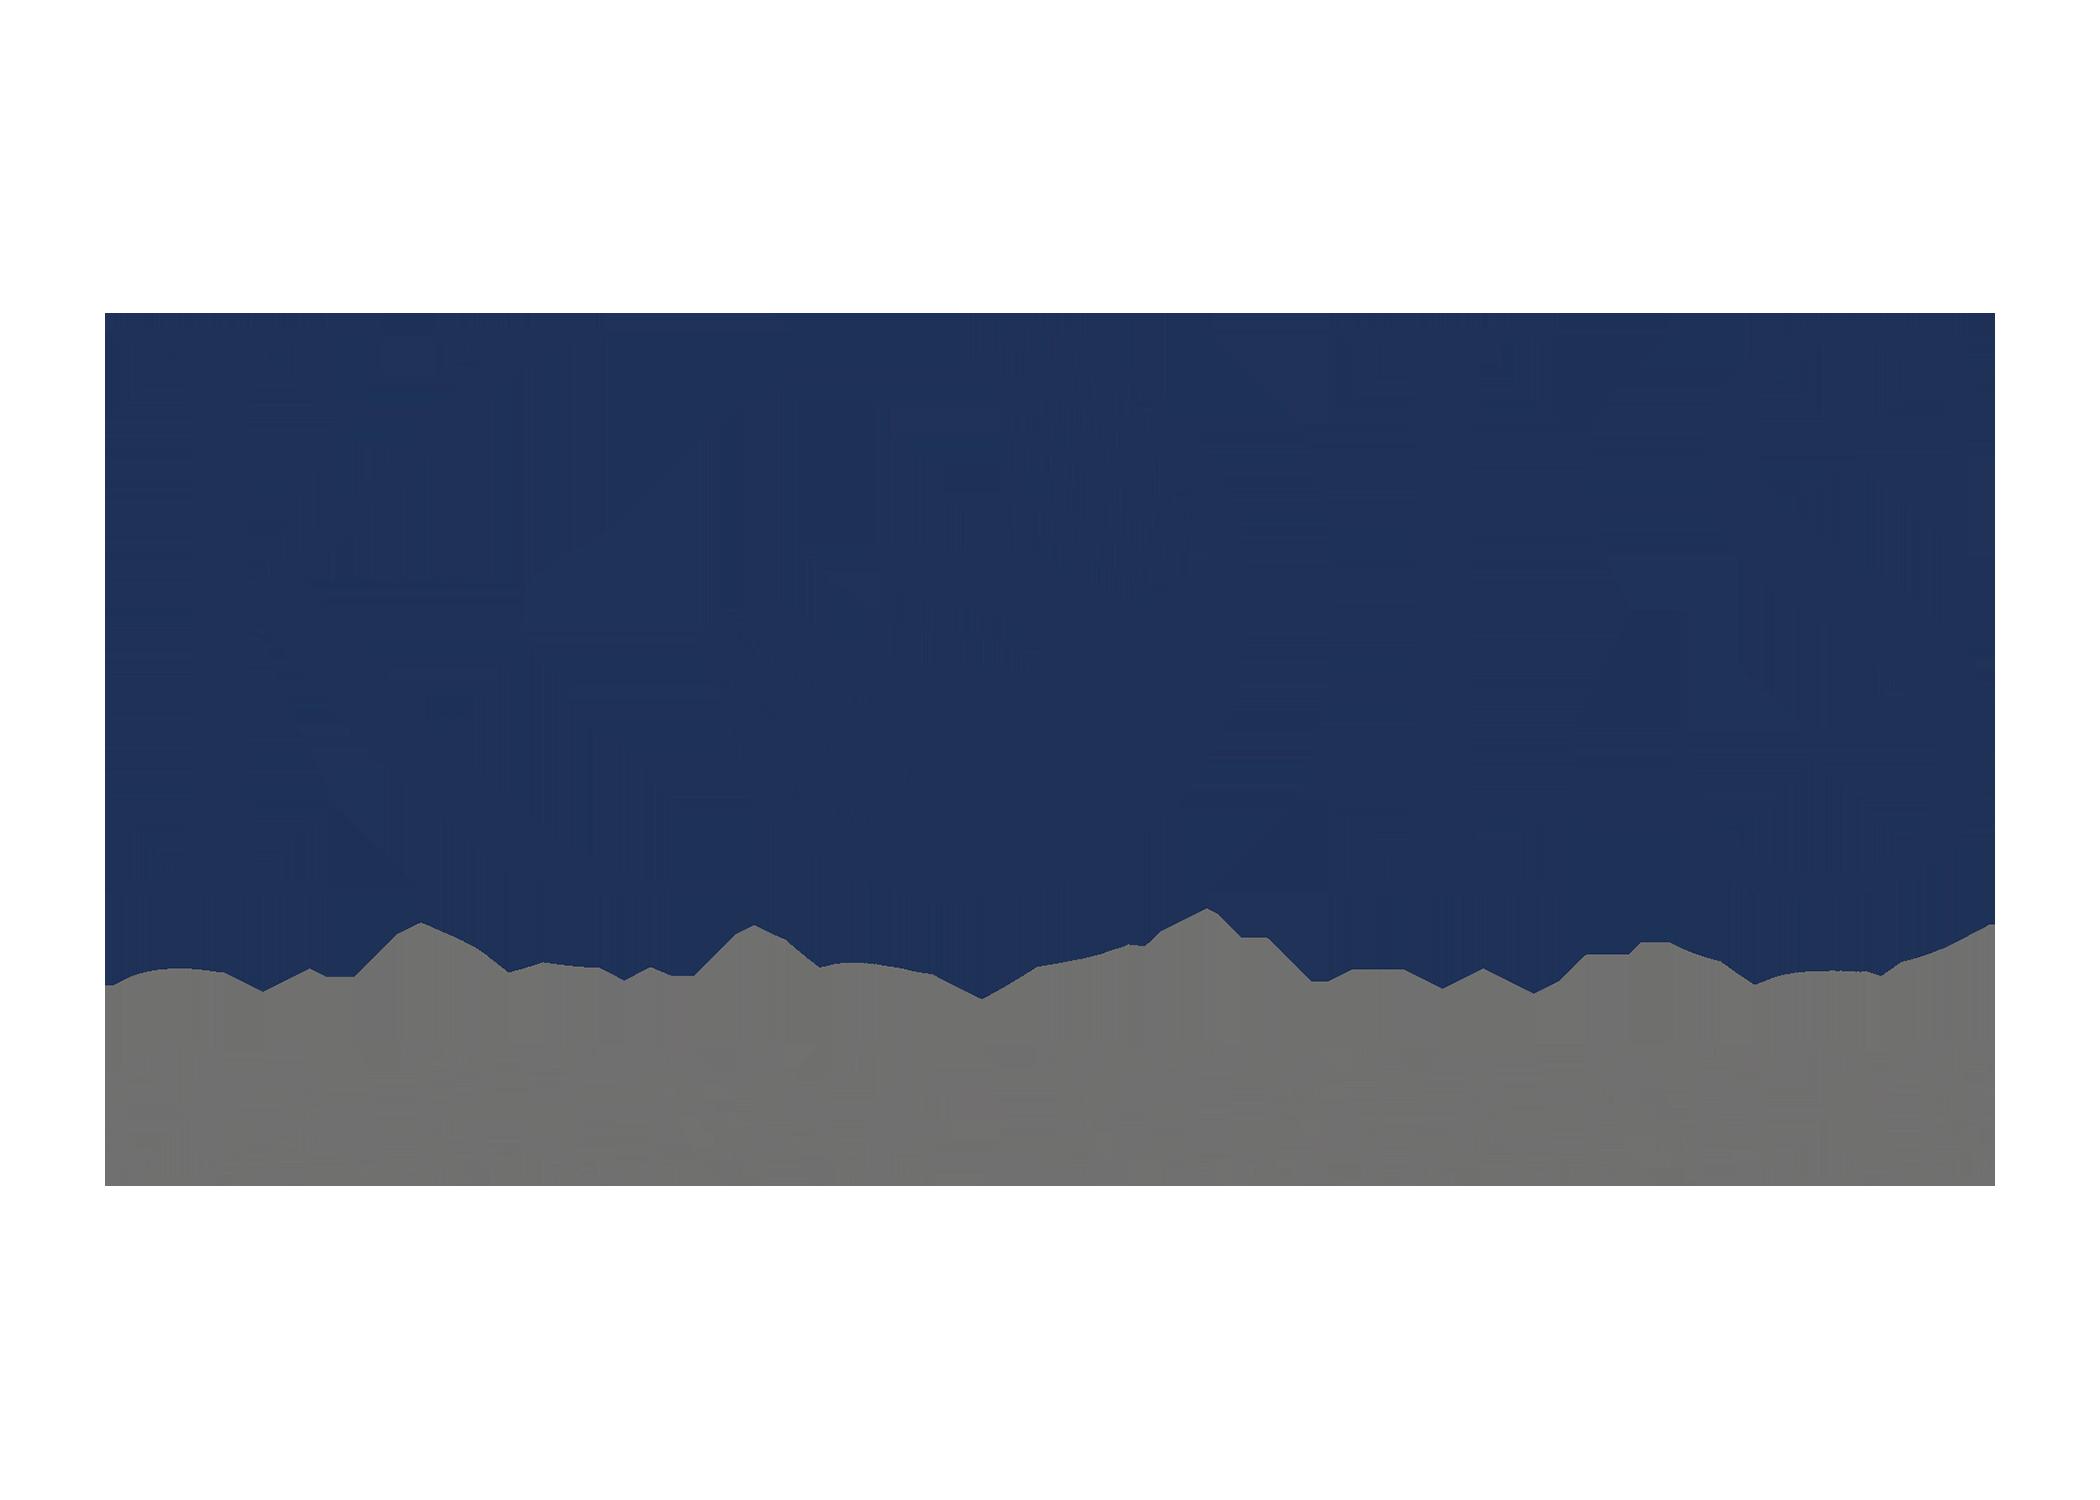 Logo of KOIS, an impact finance firm